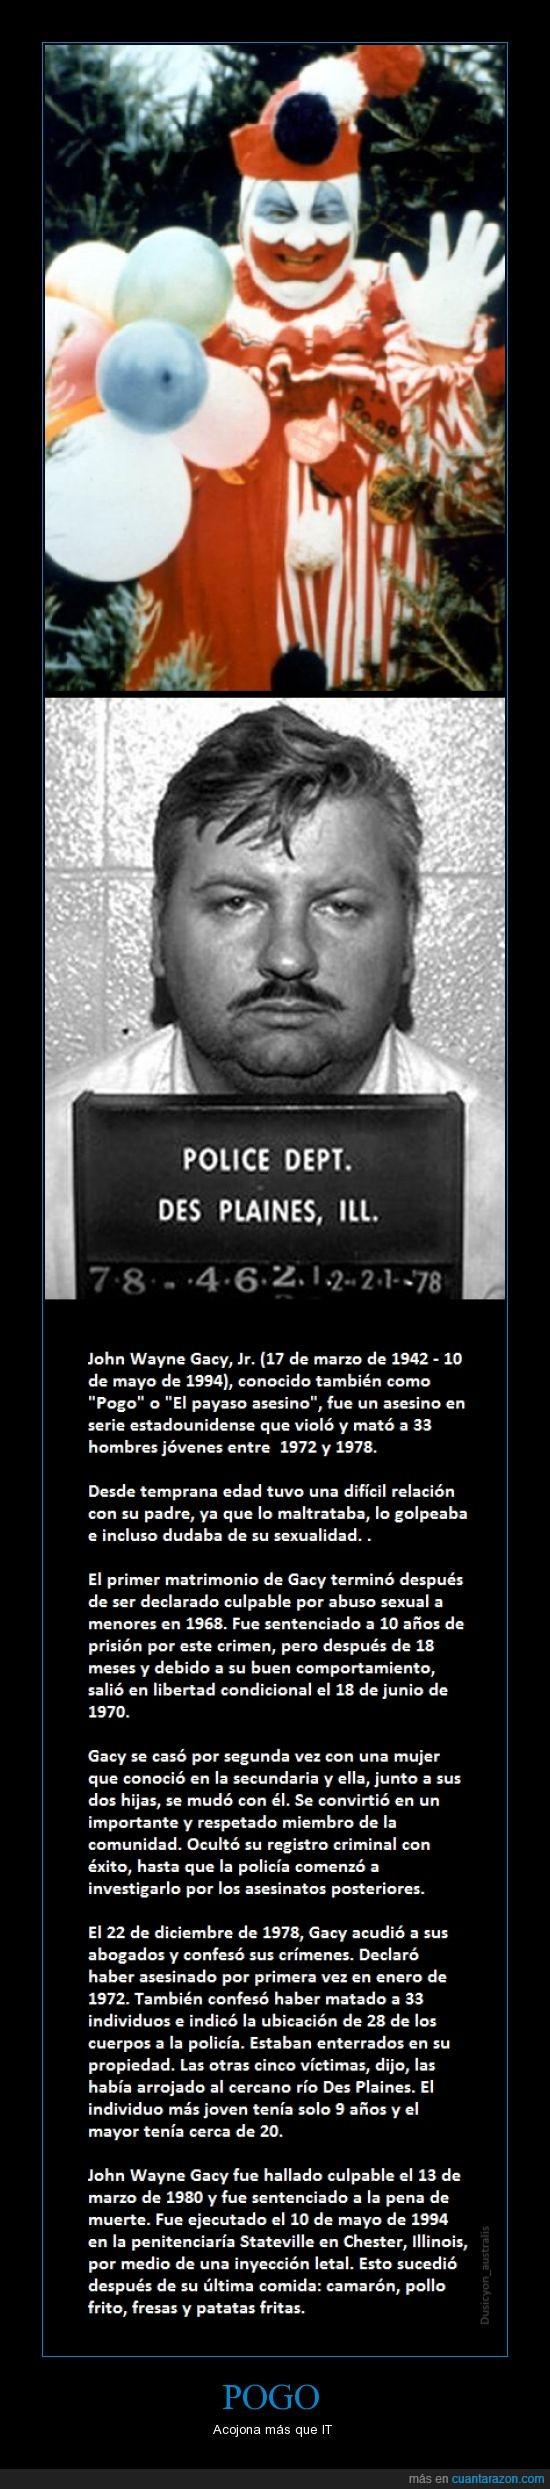 asesinos seriales,John Wayne Gacy,Payaso asesino,Pogo